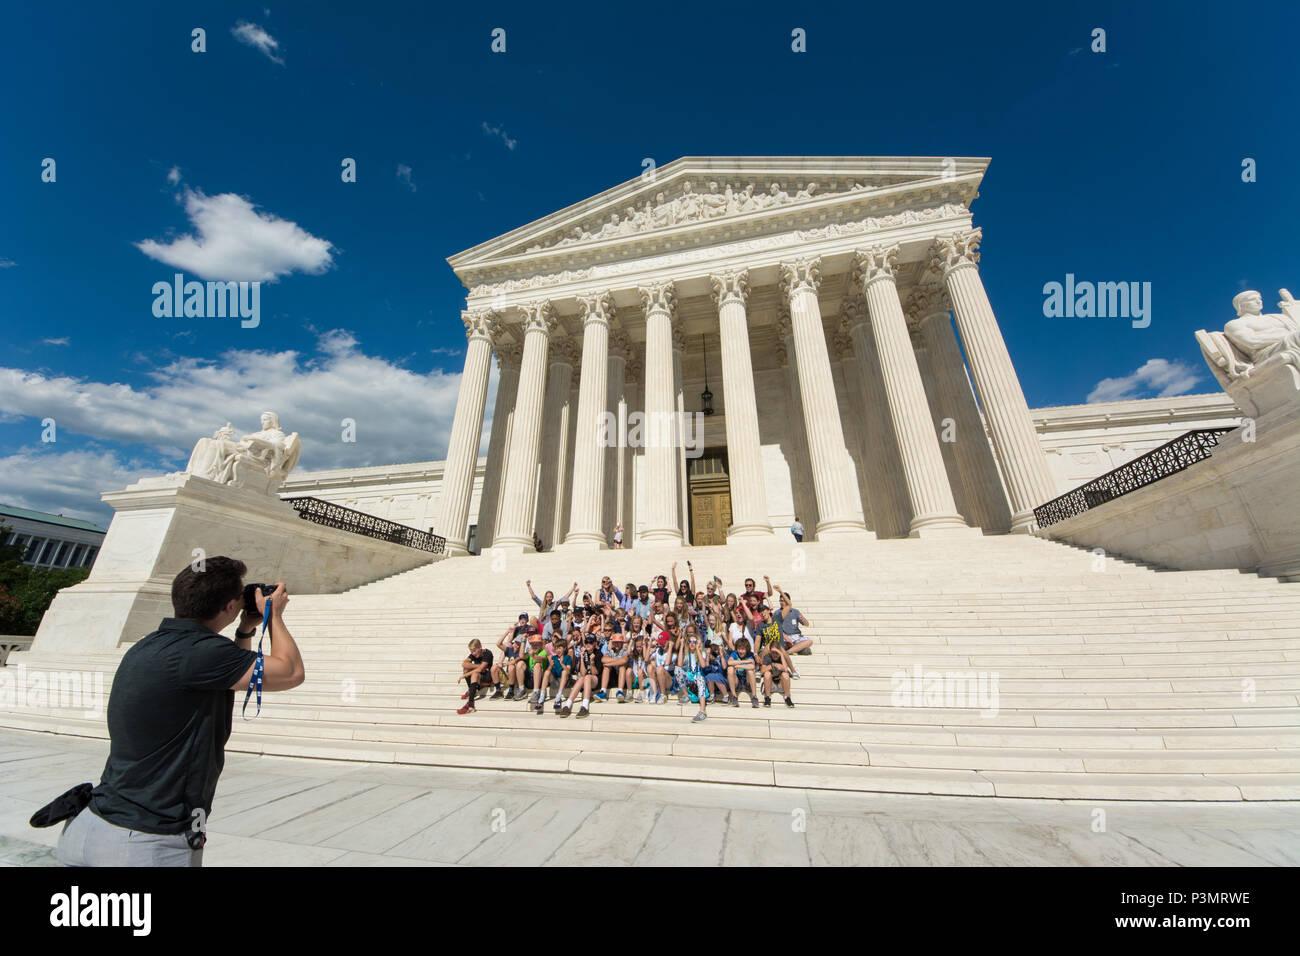 La Corte Suprema è la sede della Corte suprema del ramo giudiziario degli Stati Uniti d'America. Completato nel 1935, è situato in th Immagini Stock